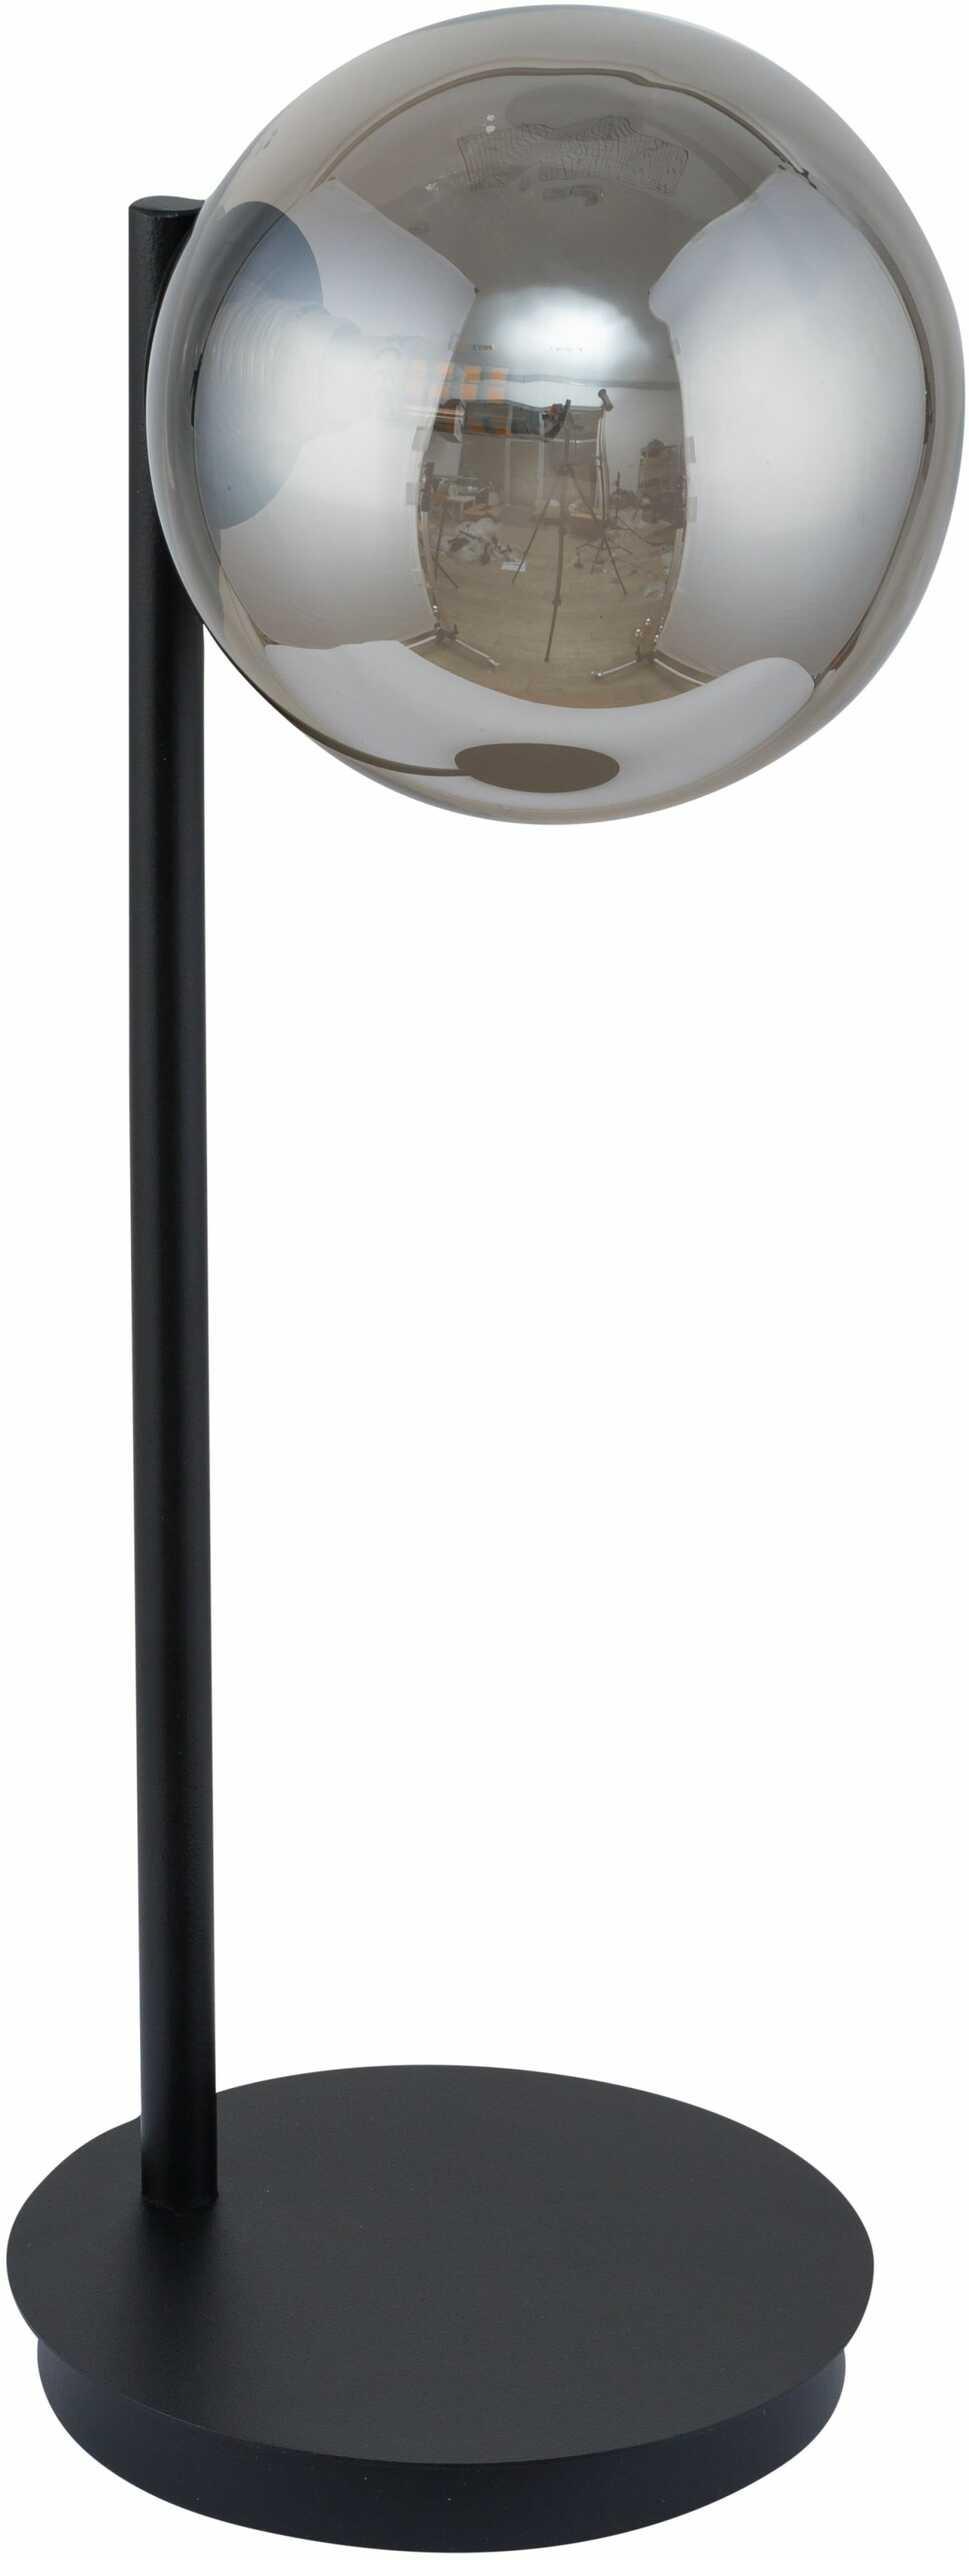 Lampka nowoczesna szklana kula Roma szara 50221 - Sigma Do -17% rabatu w koszyku i darmowa dostawa od 299zł !